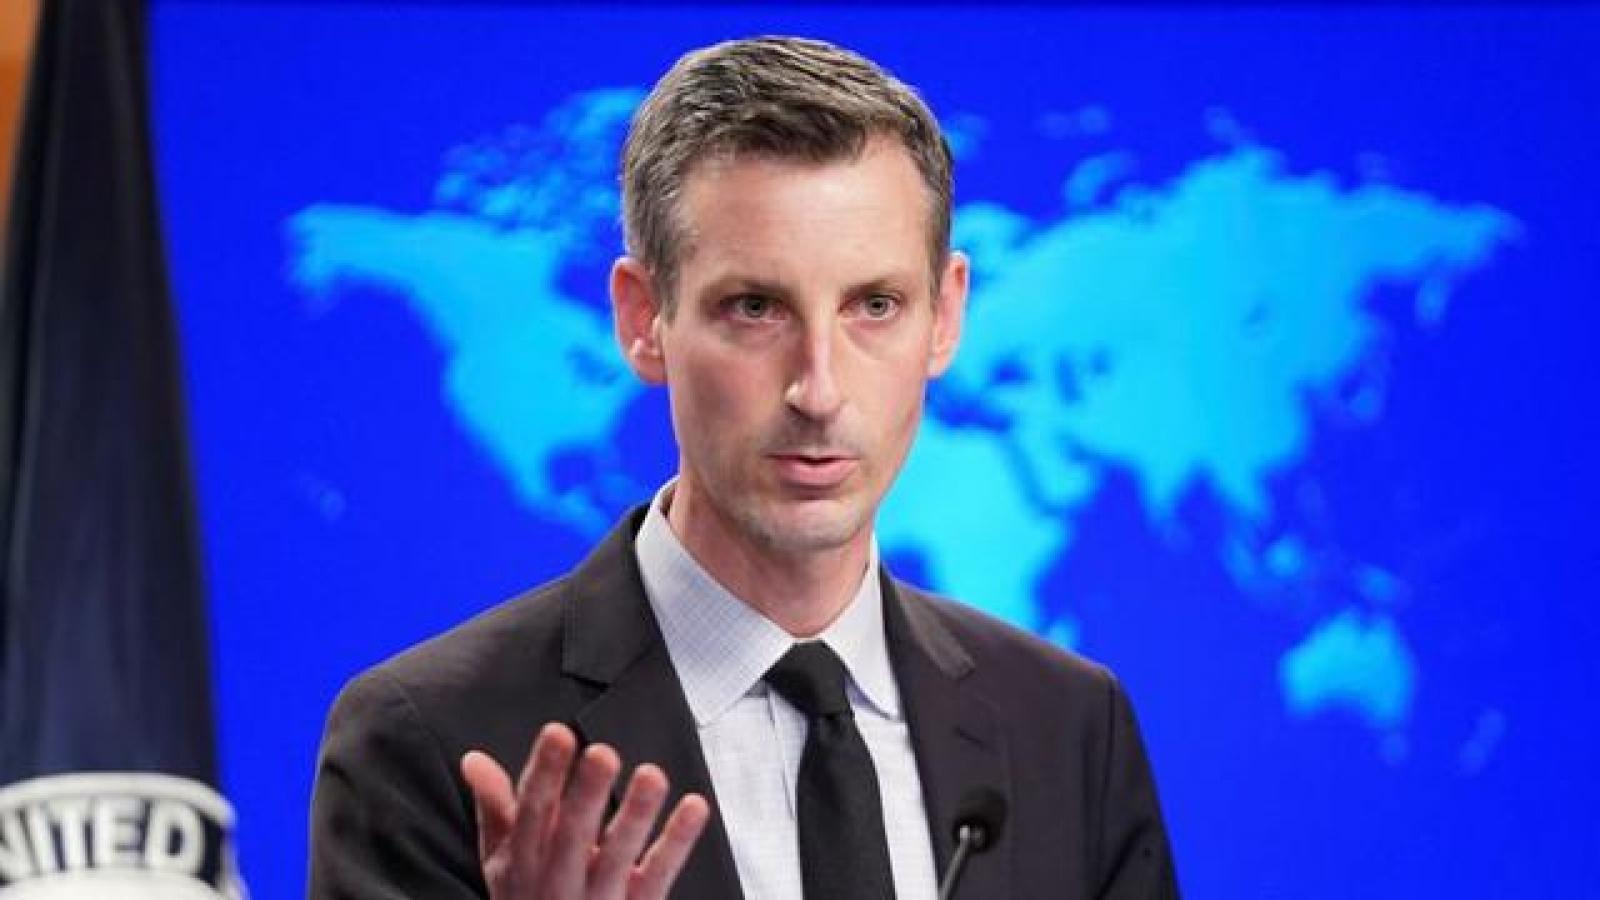 Mỹ quan ngại luật hải cảnh mới của Trung Quốc có thể dẫn tới các yêu sách phi pháp